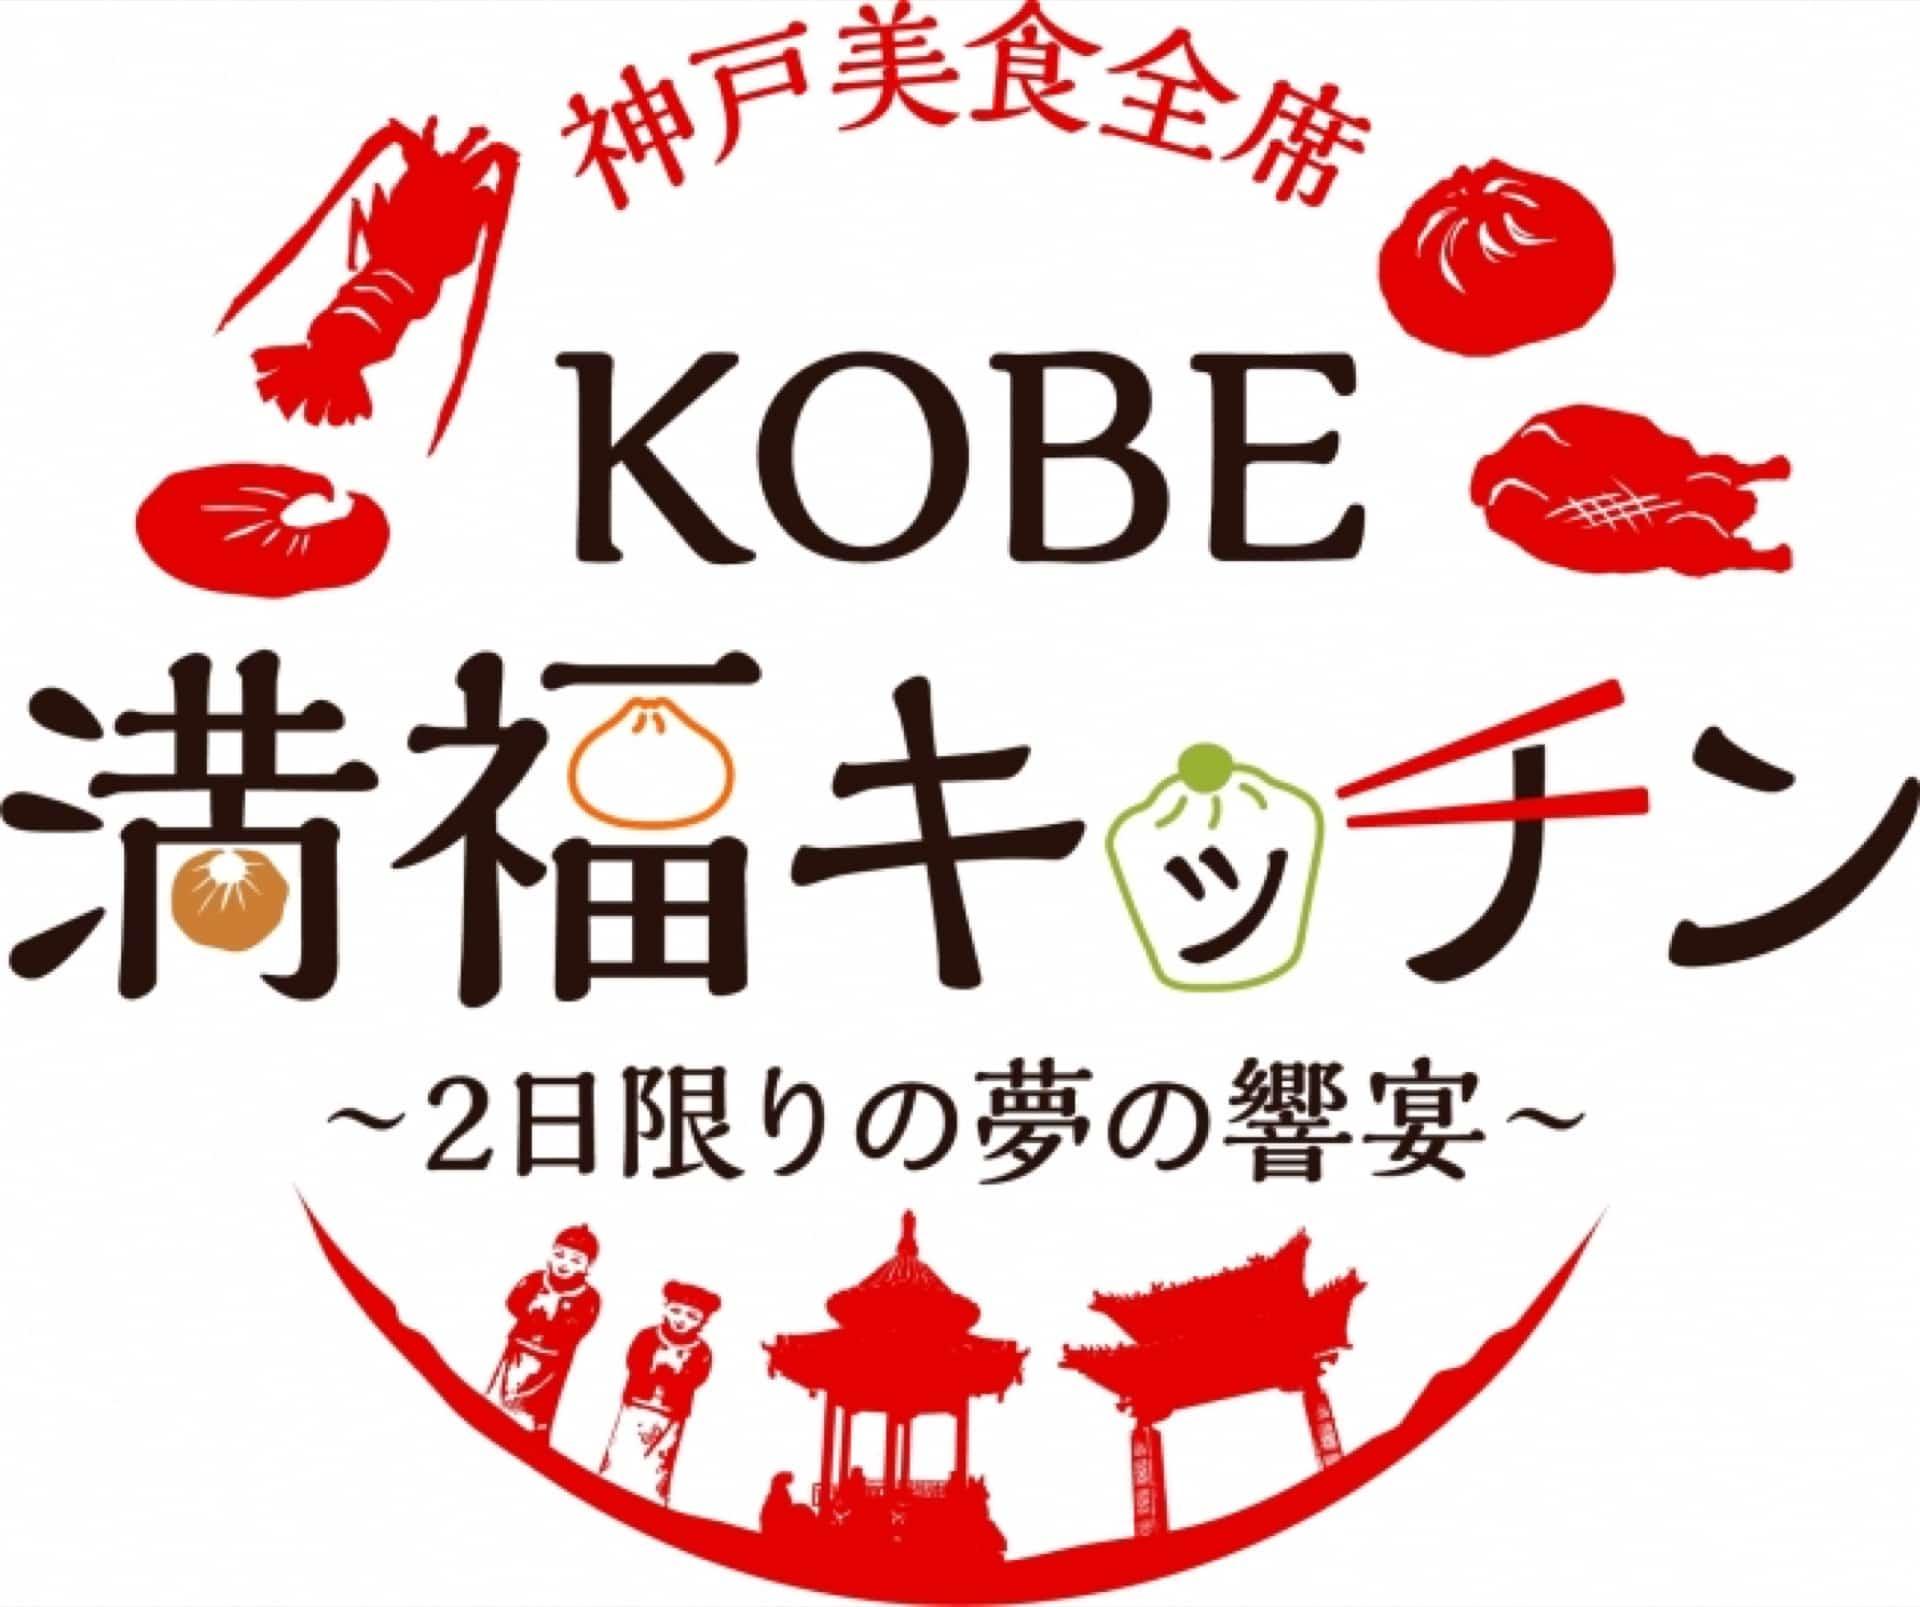 食欲の秋!10月13日・14日「KOBE 満福キッチン」開催。旧居留地に神戸の味が集まるおいしいイベント